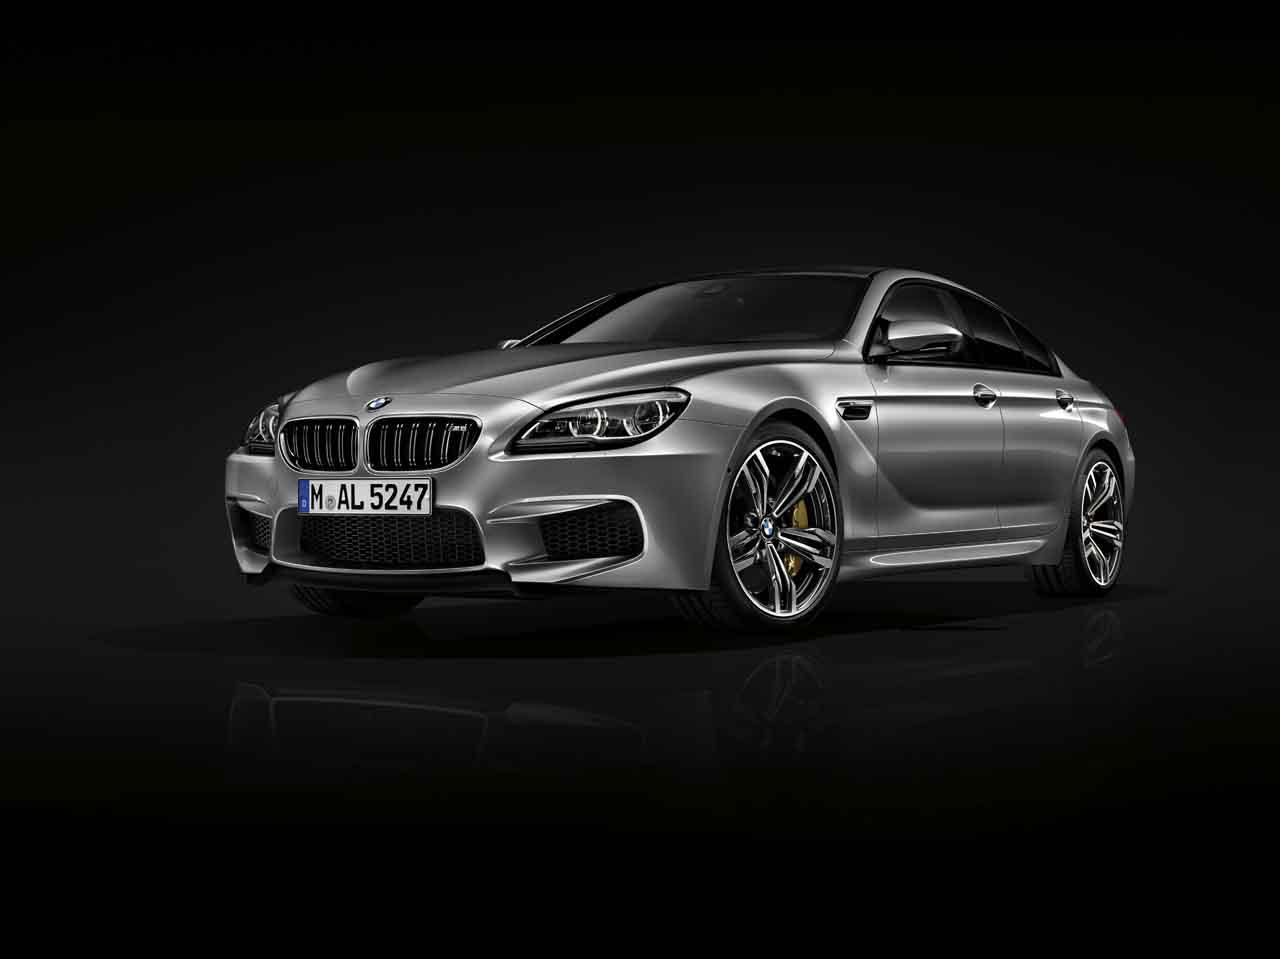 BMW M5 Limousine Gestiksteuerung B&W Surround DAB